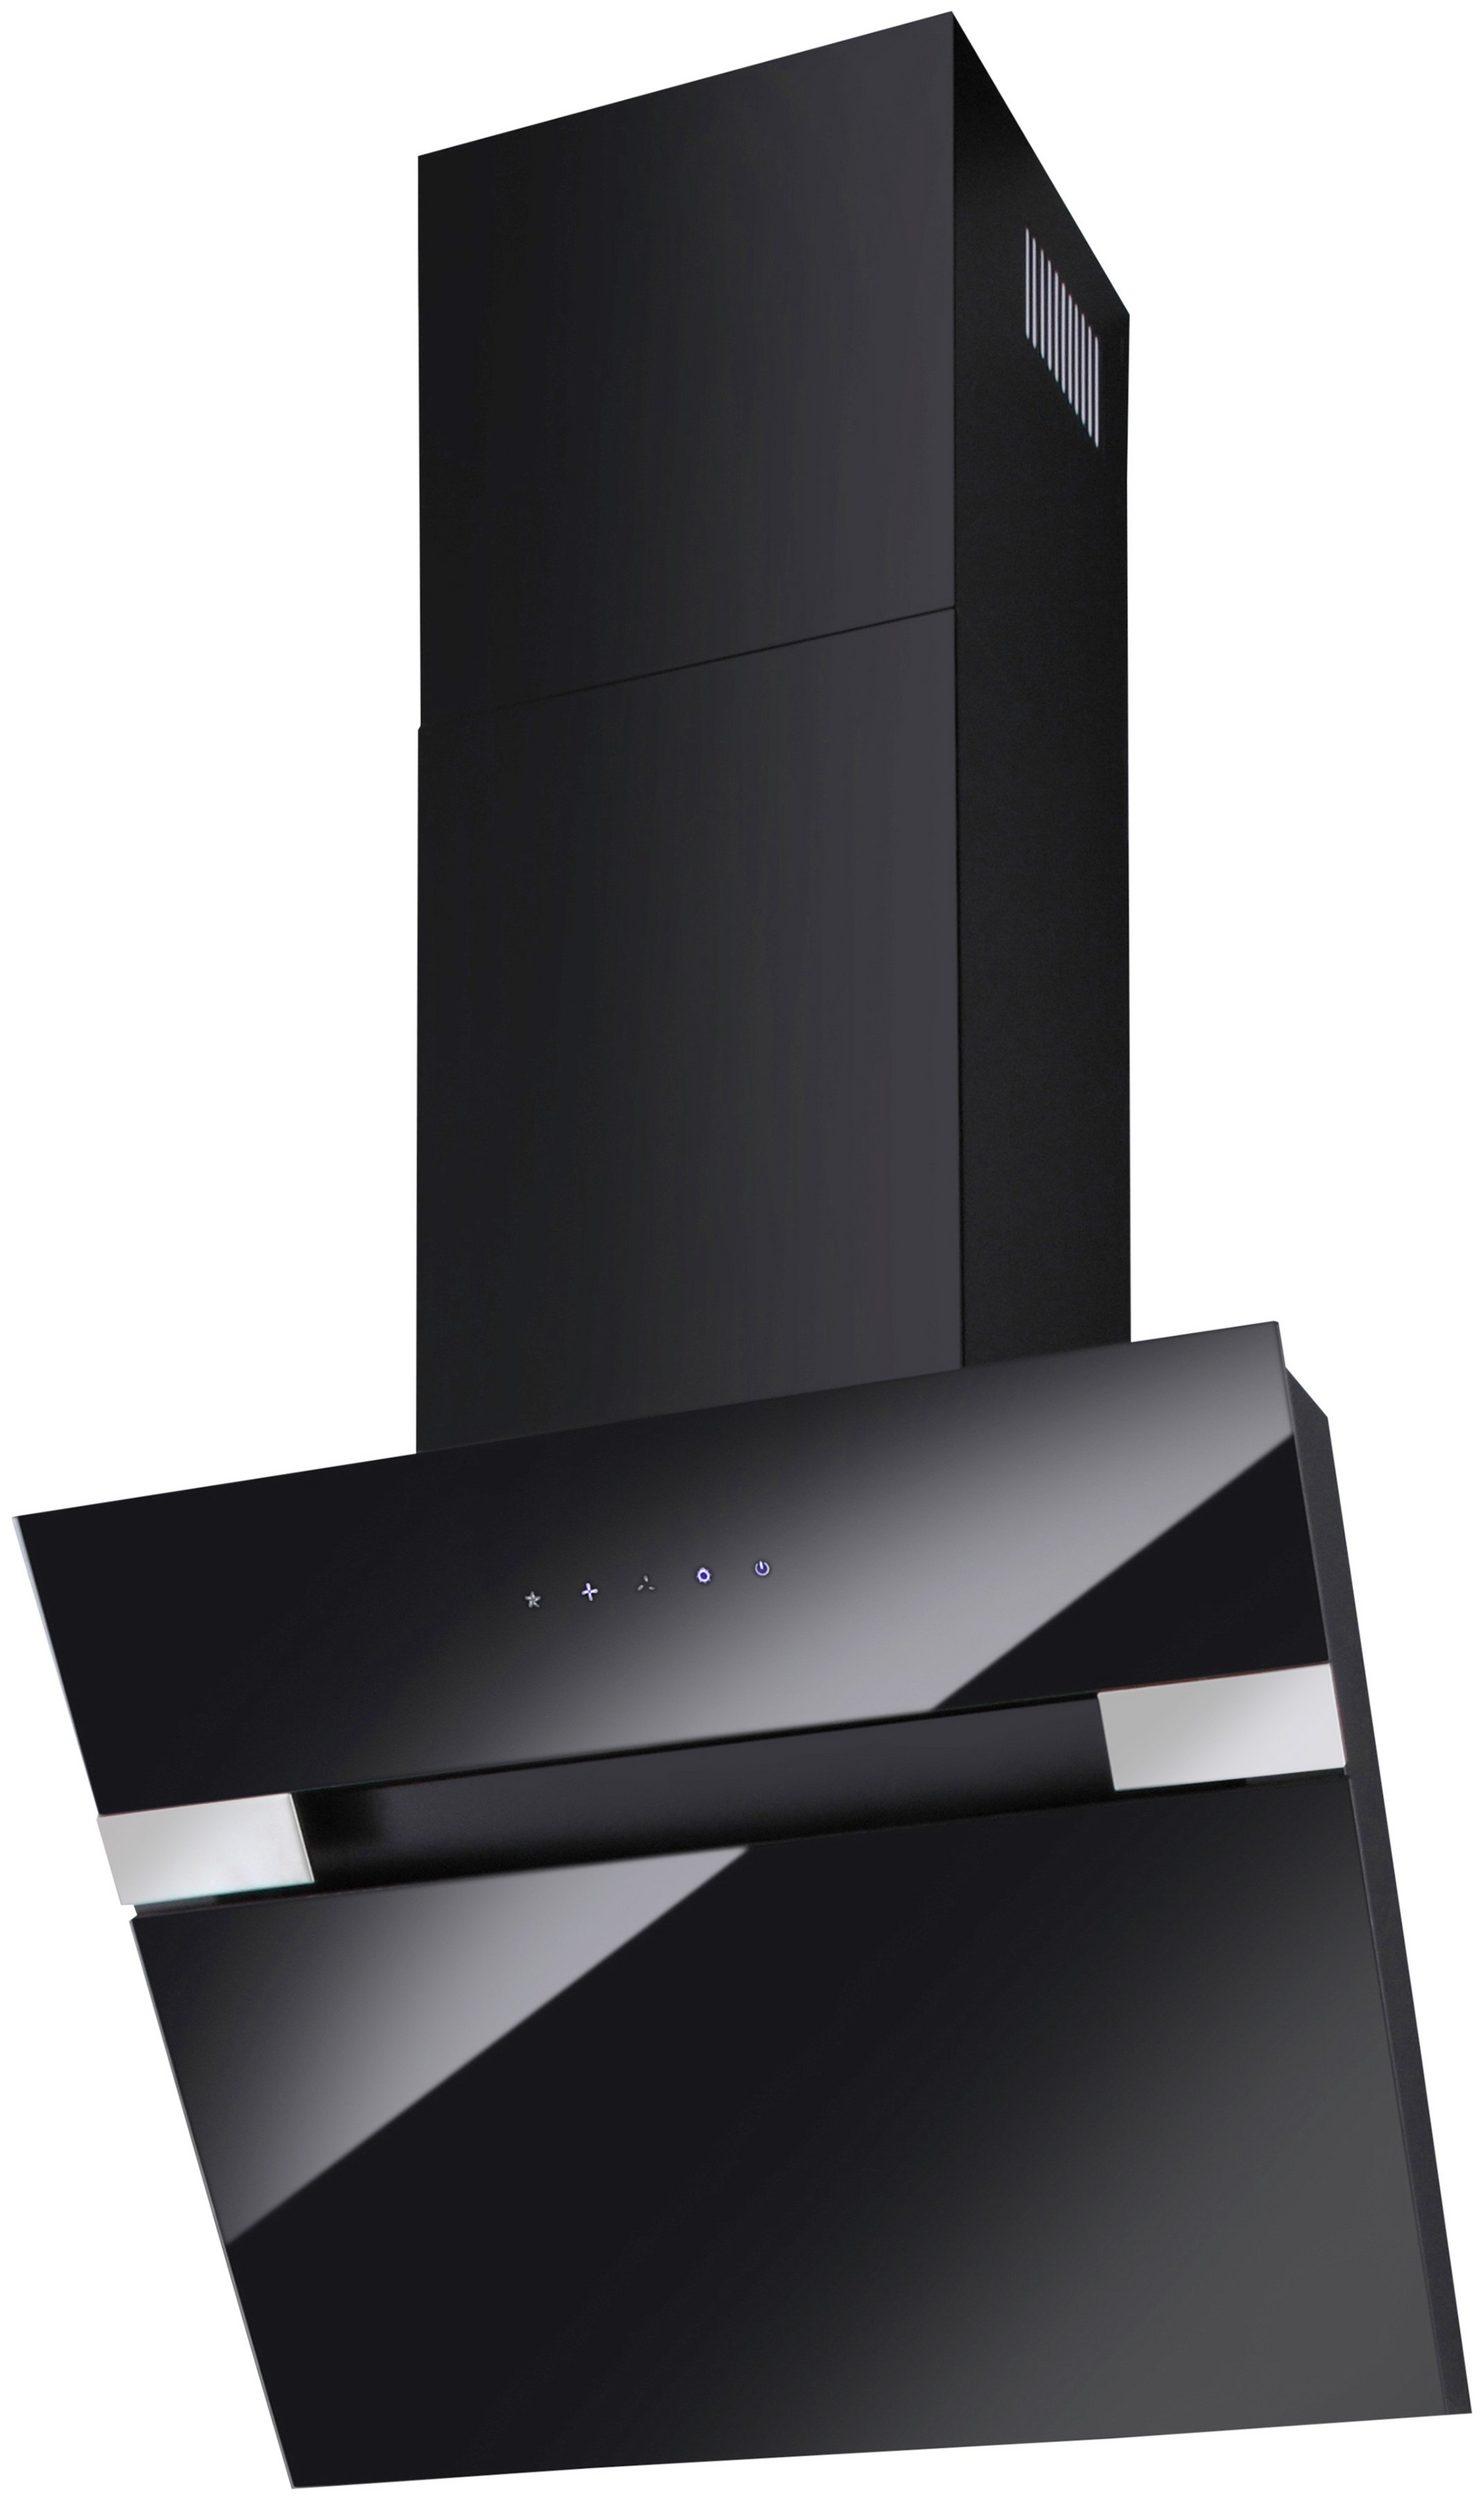 Dunstabzugshaube Kopffreihaube 60cm Abzugshaube schwarz UVP 199,99€ 7110199